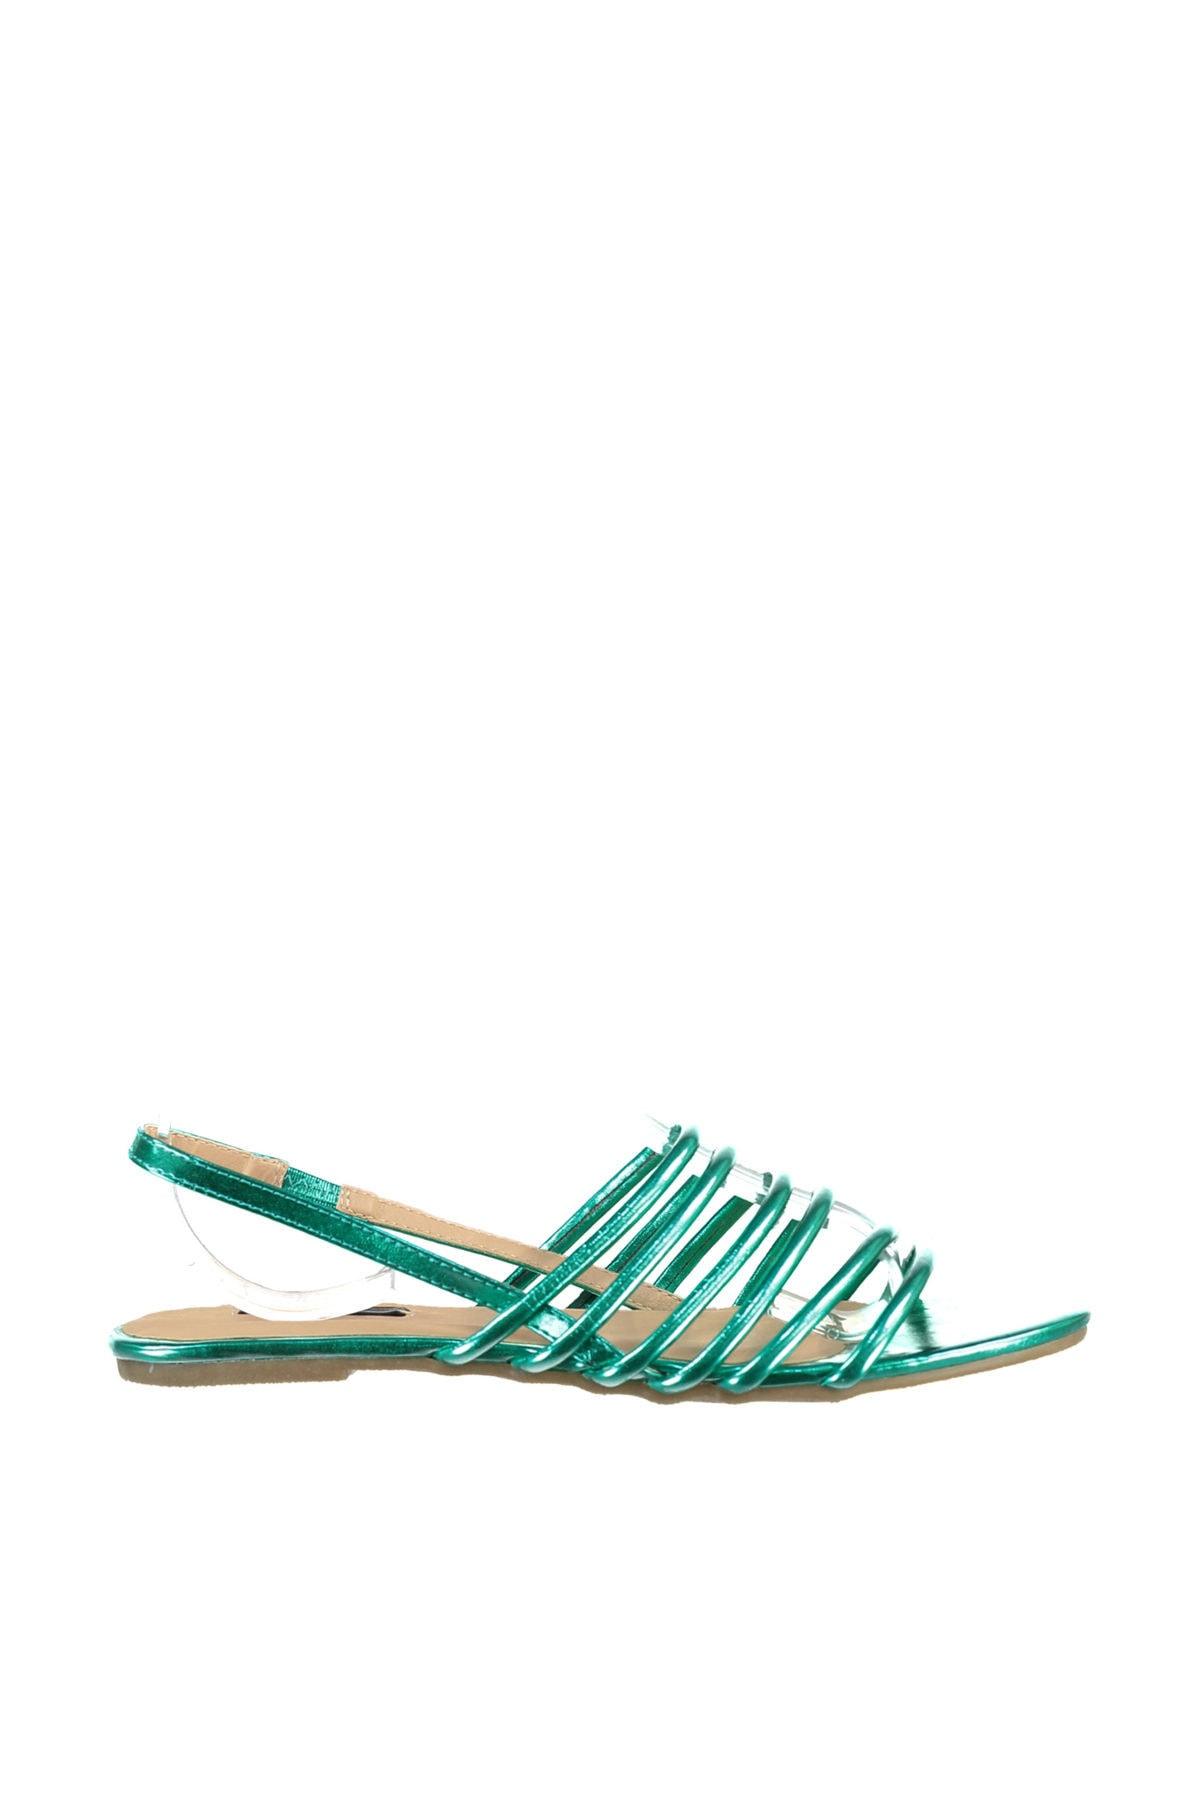 İnci Yeşil Kadın Sandalet 120116012610 2